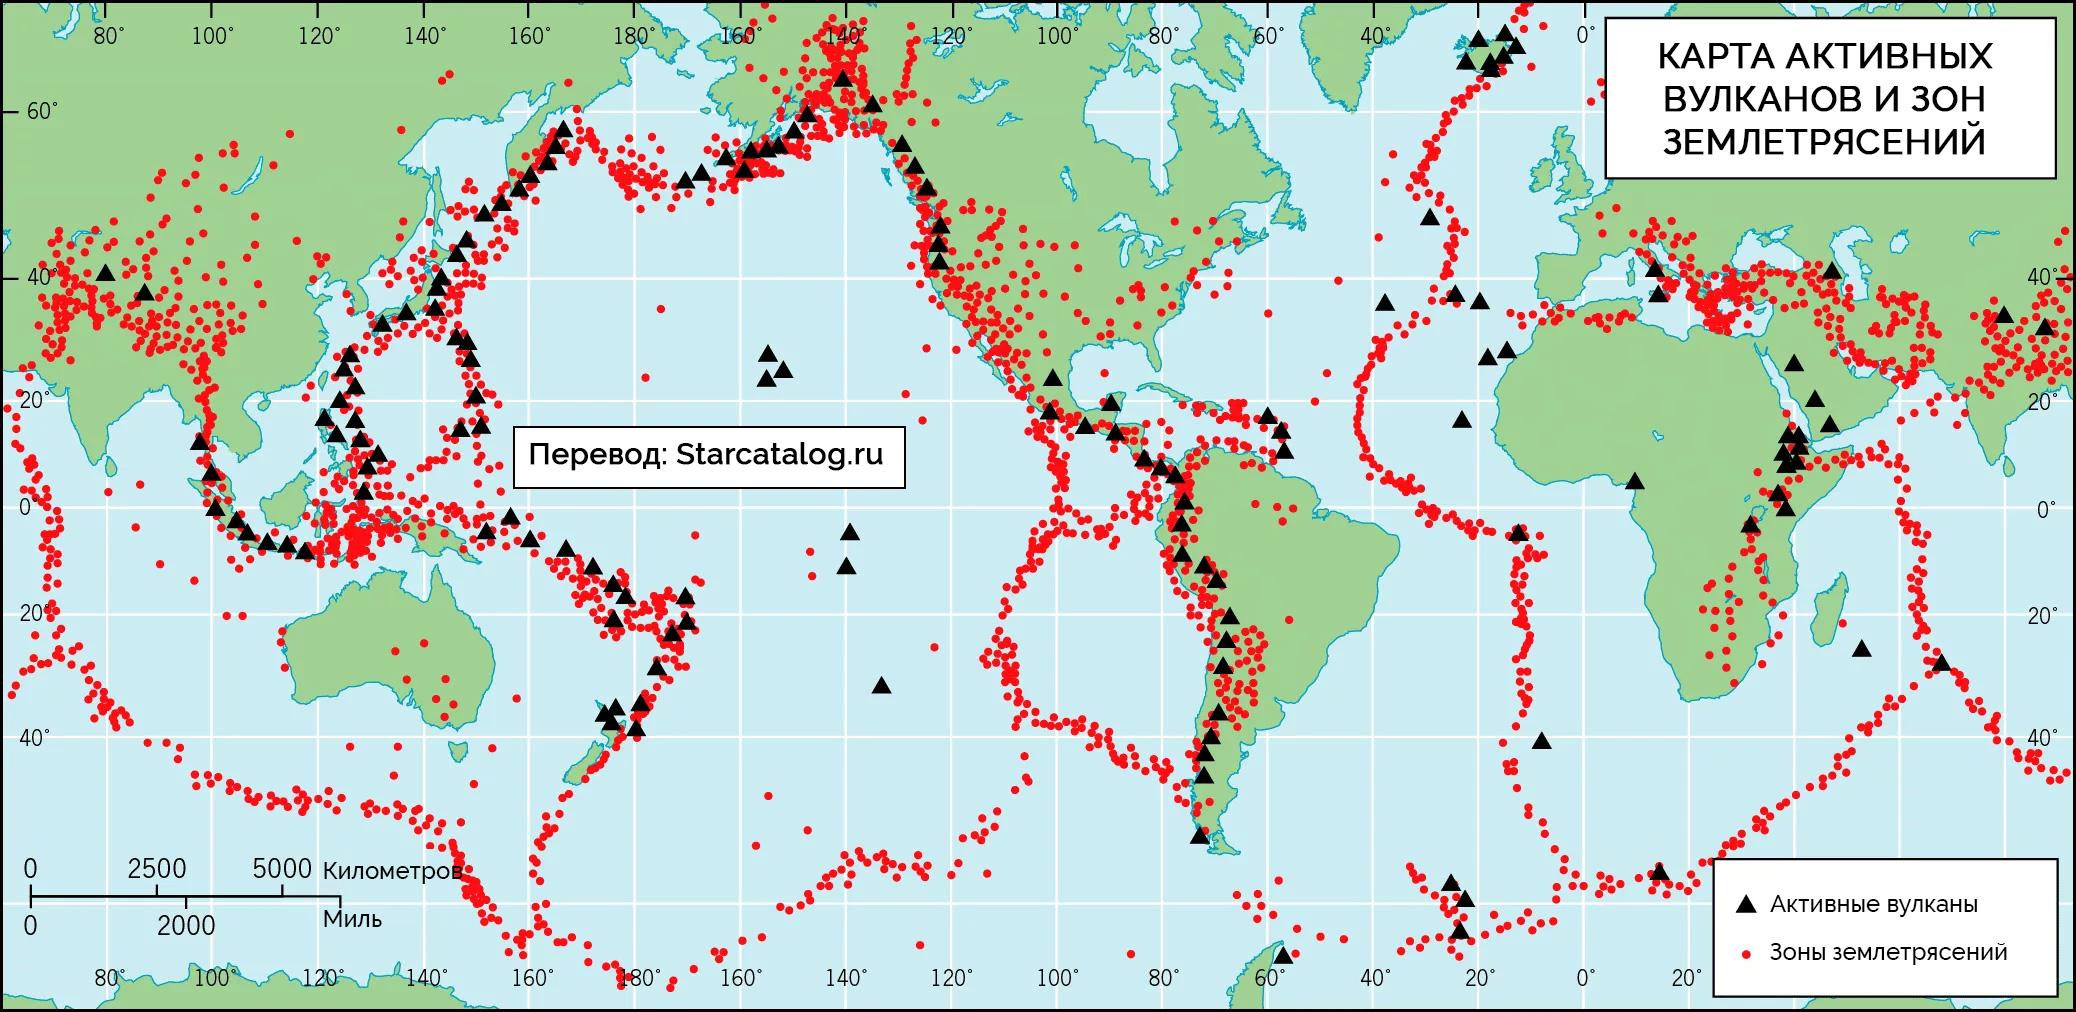 Карта активных вулканов и зон землетрясений планеты Земля